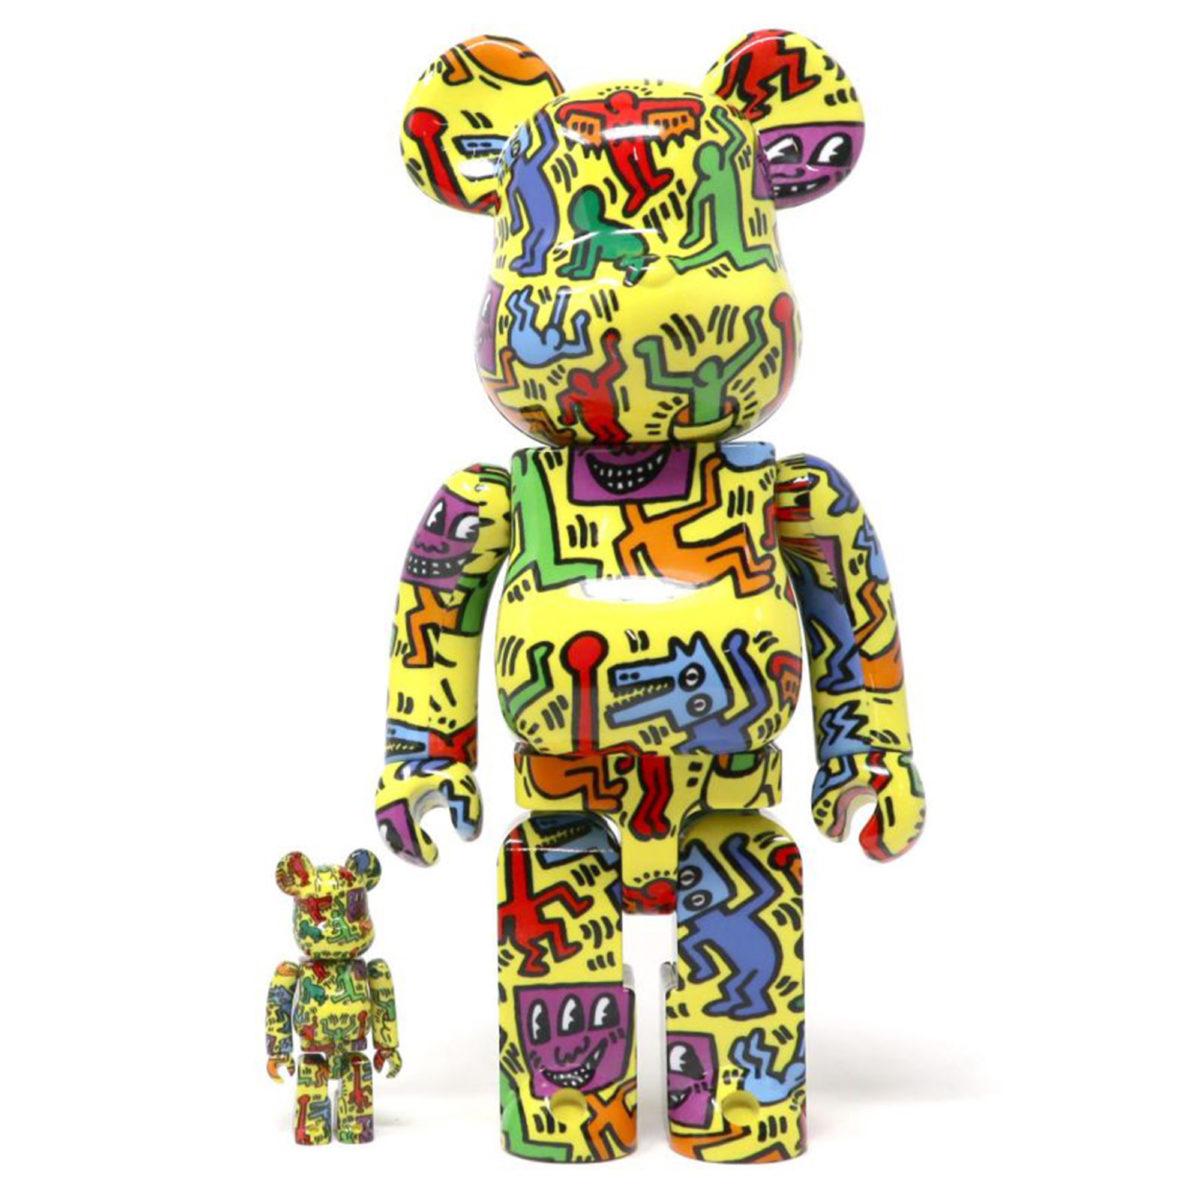 Keith Haring V5